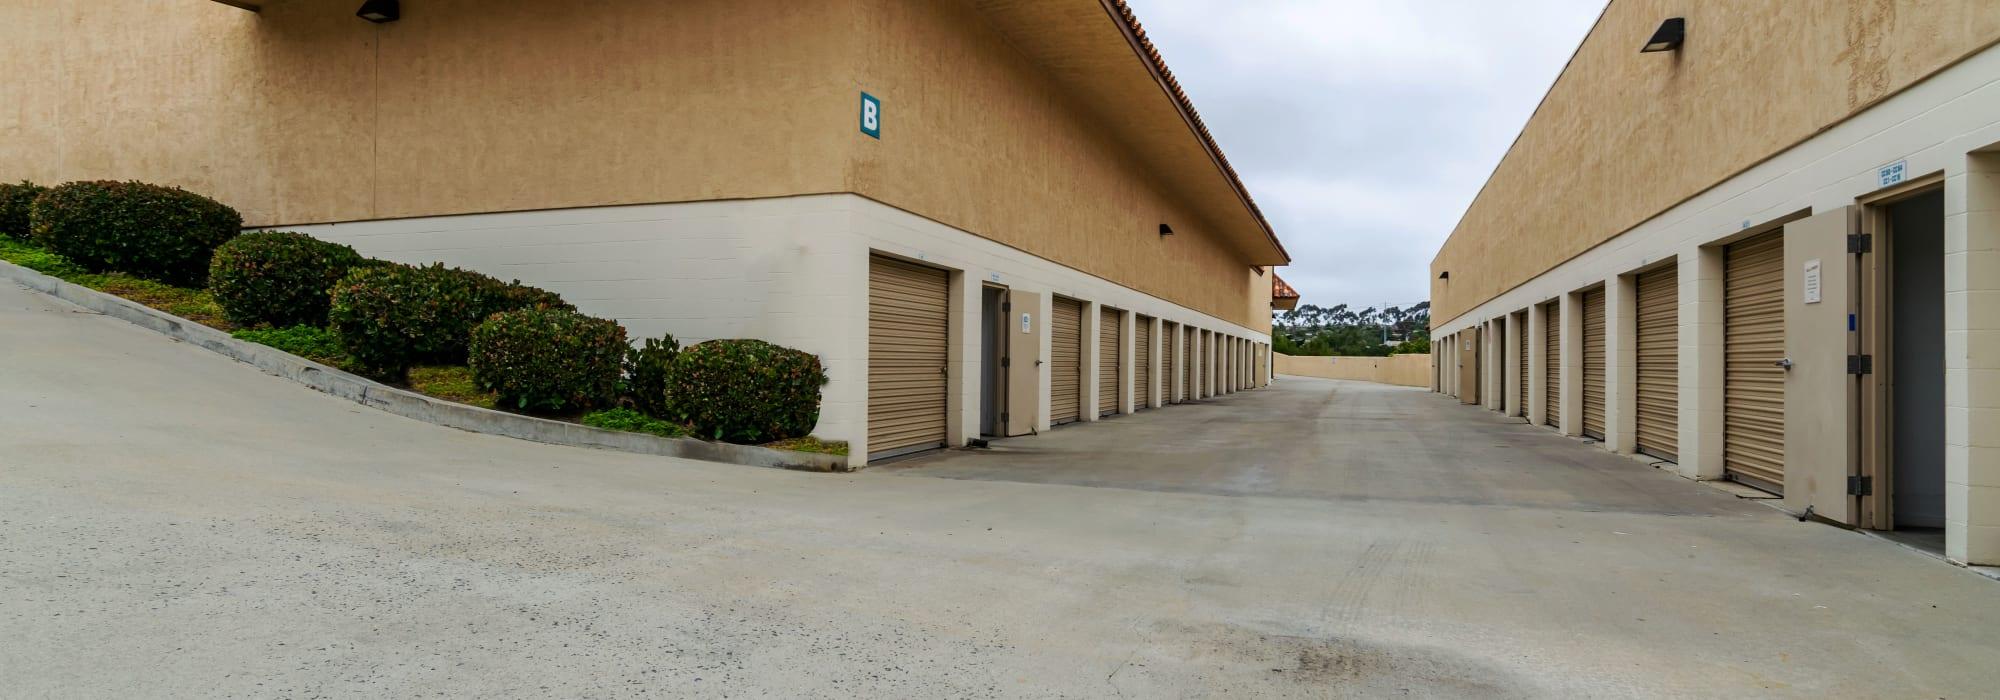 Outdoor units at Encinitas Self Storage in Encinitas, California